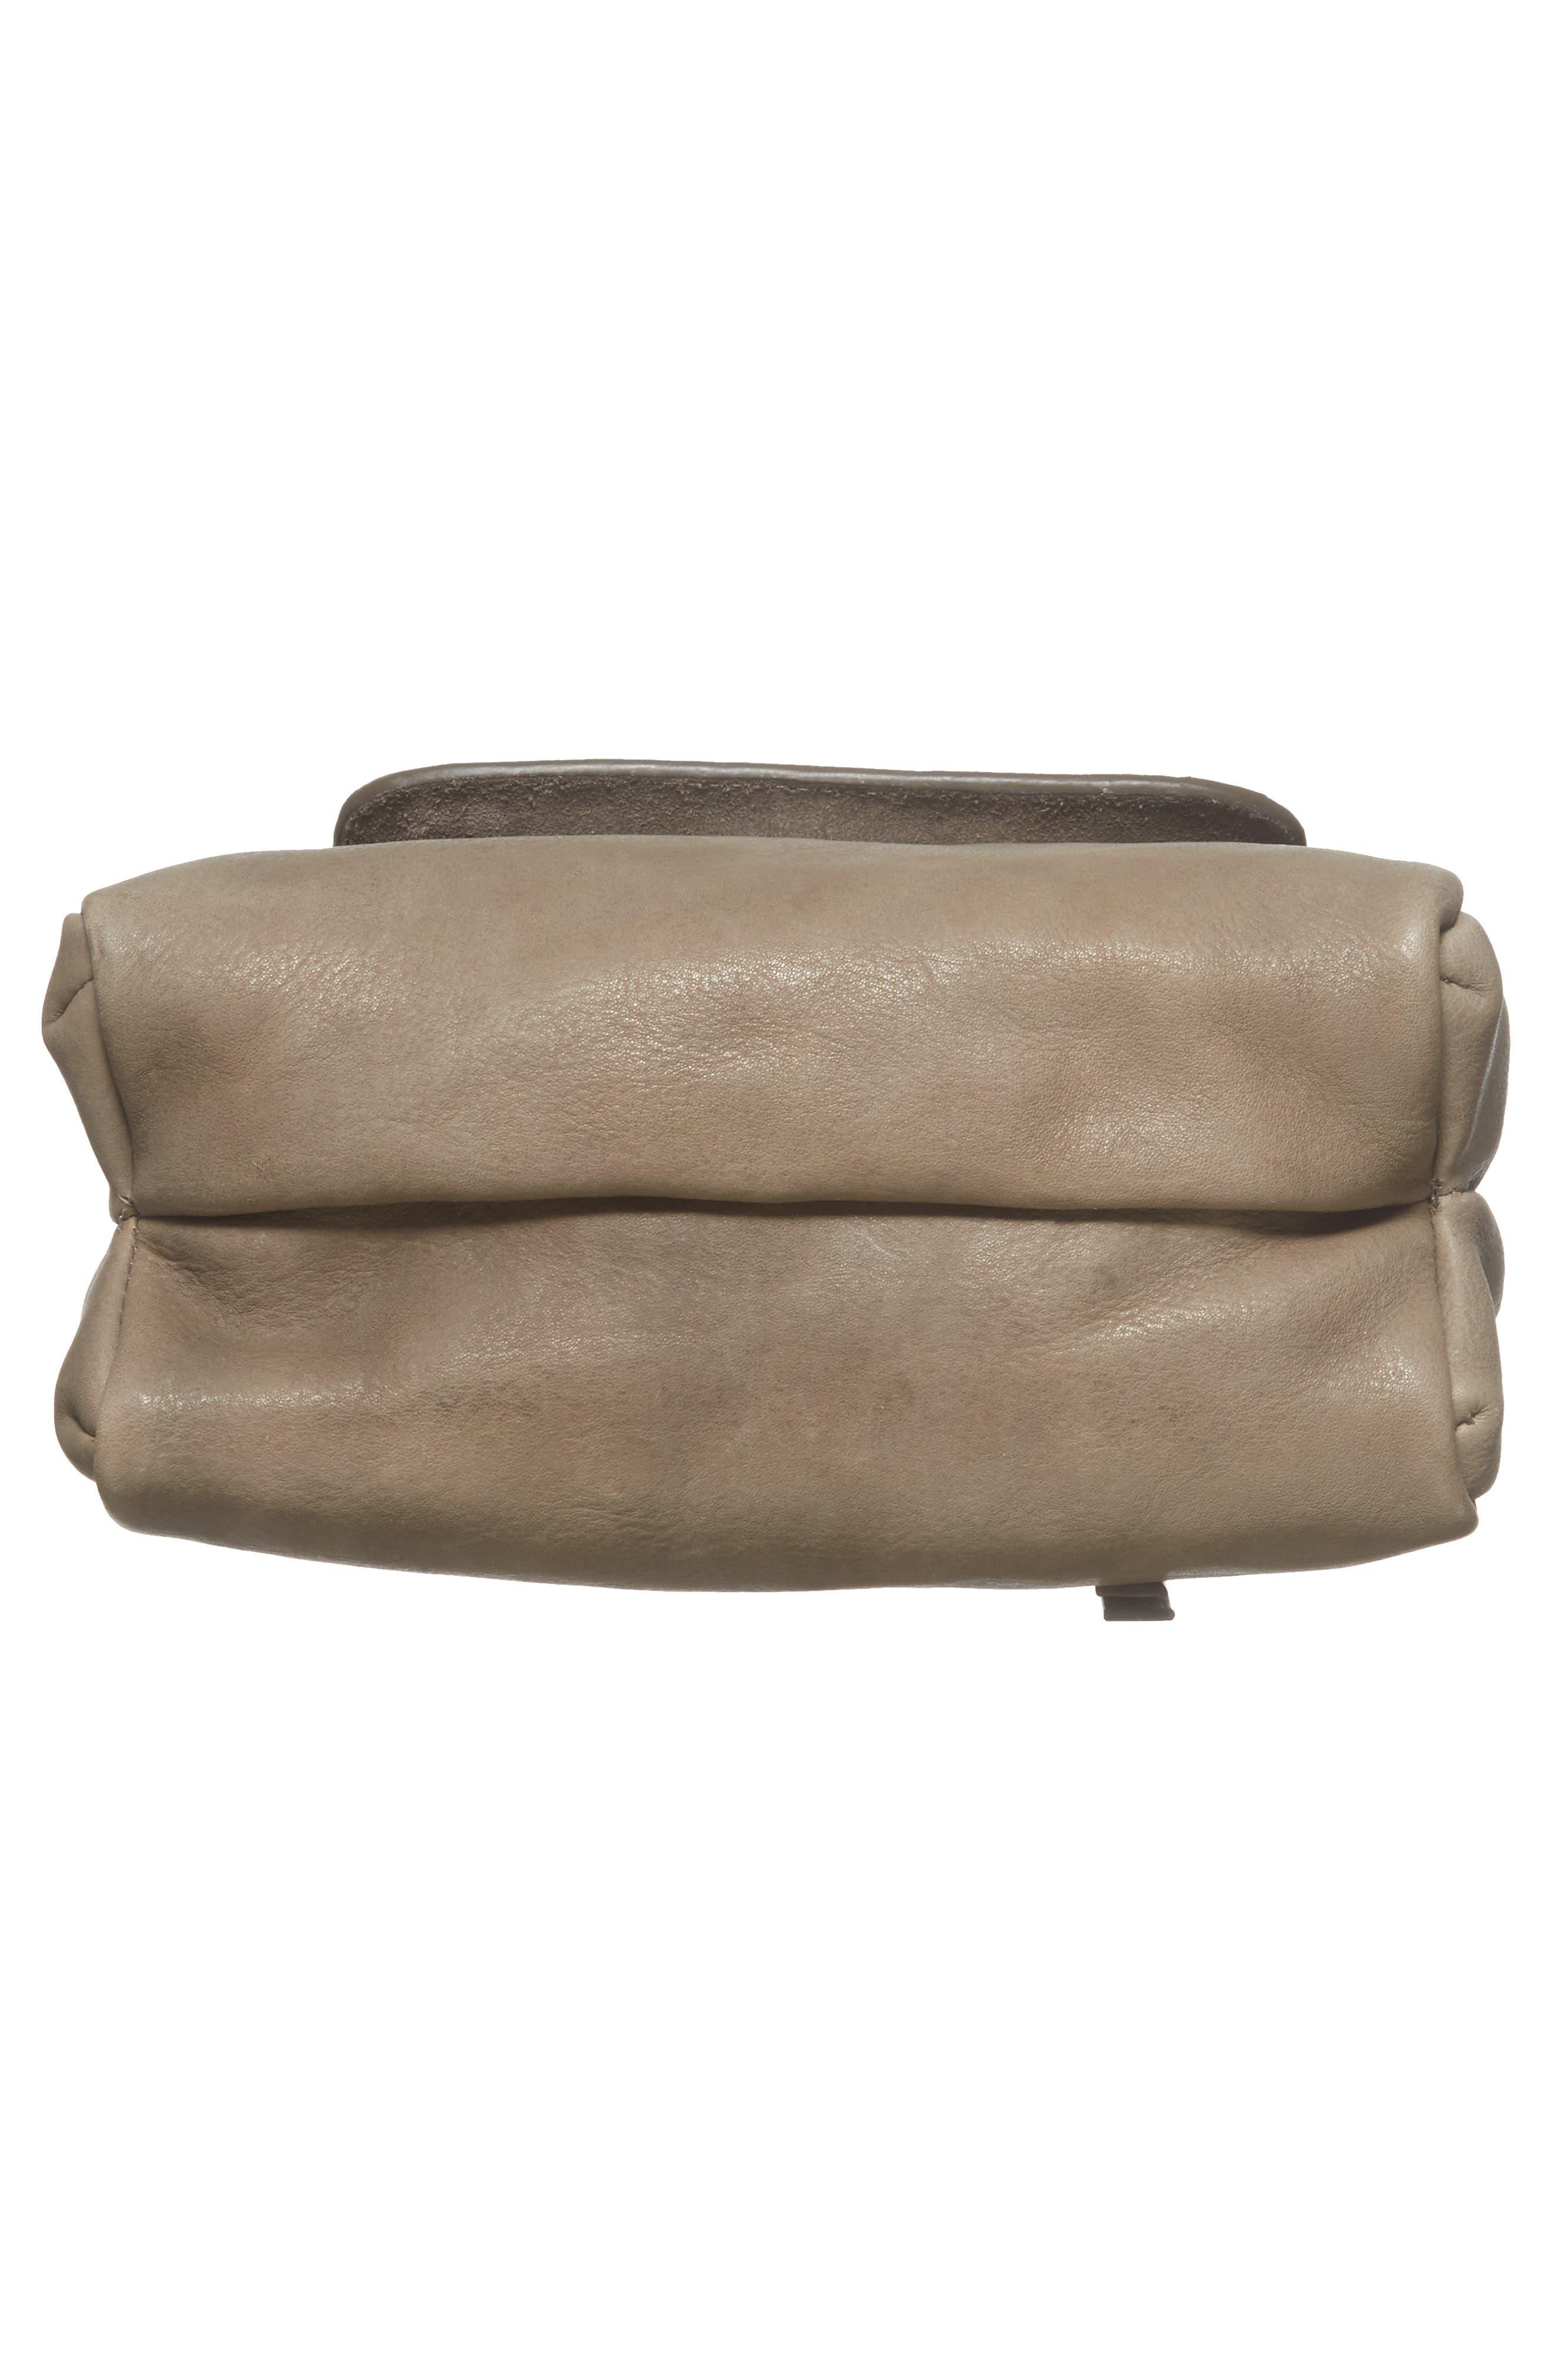 Céline Dion Cadence Crossbody Bag,                             Alternate thumbnail 6, color,                             Grey